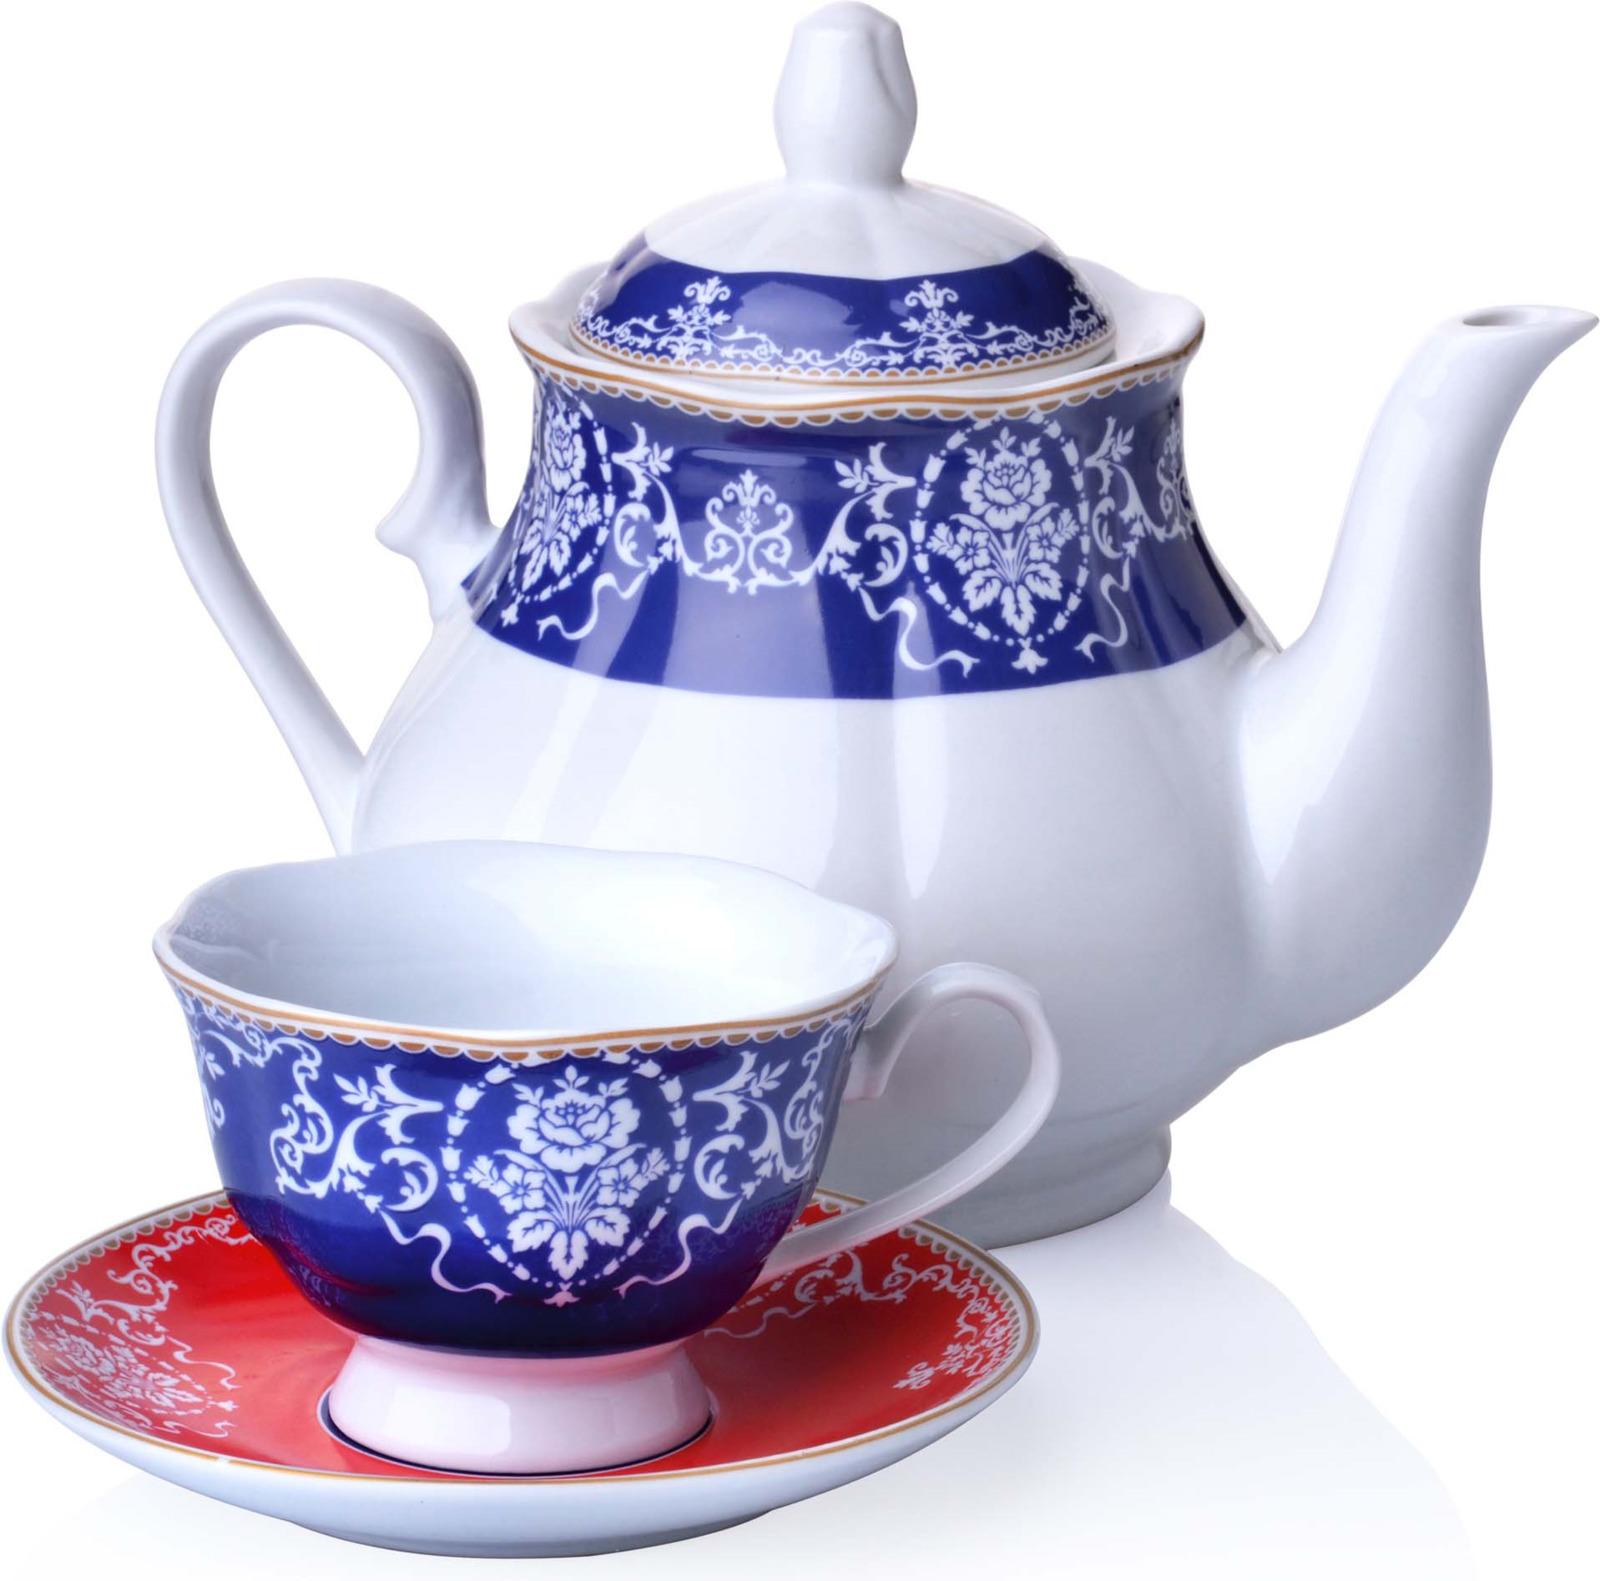 Сервиз чайный Loraine, цвет: синий, красный, белый, 13 предметов цены